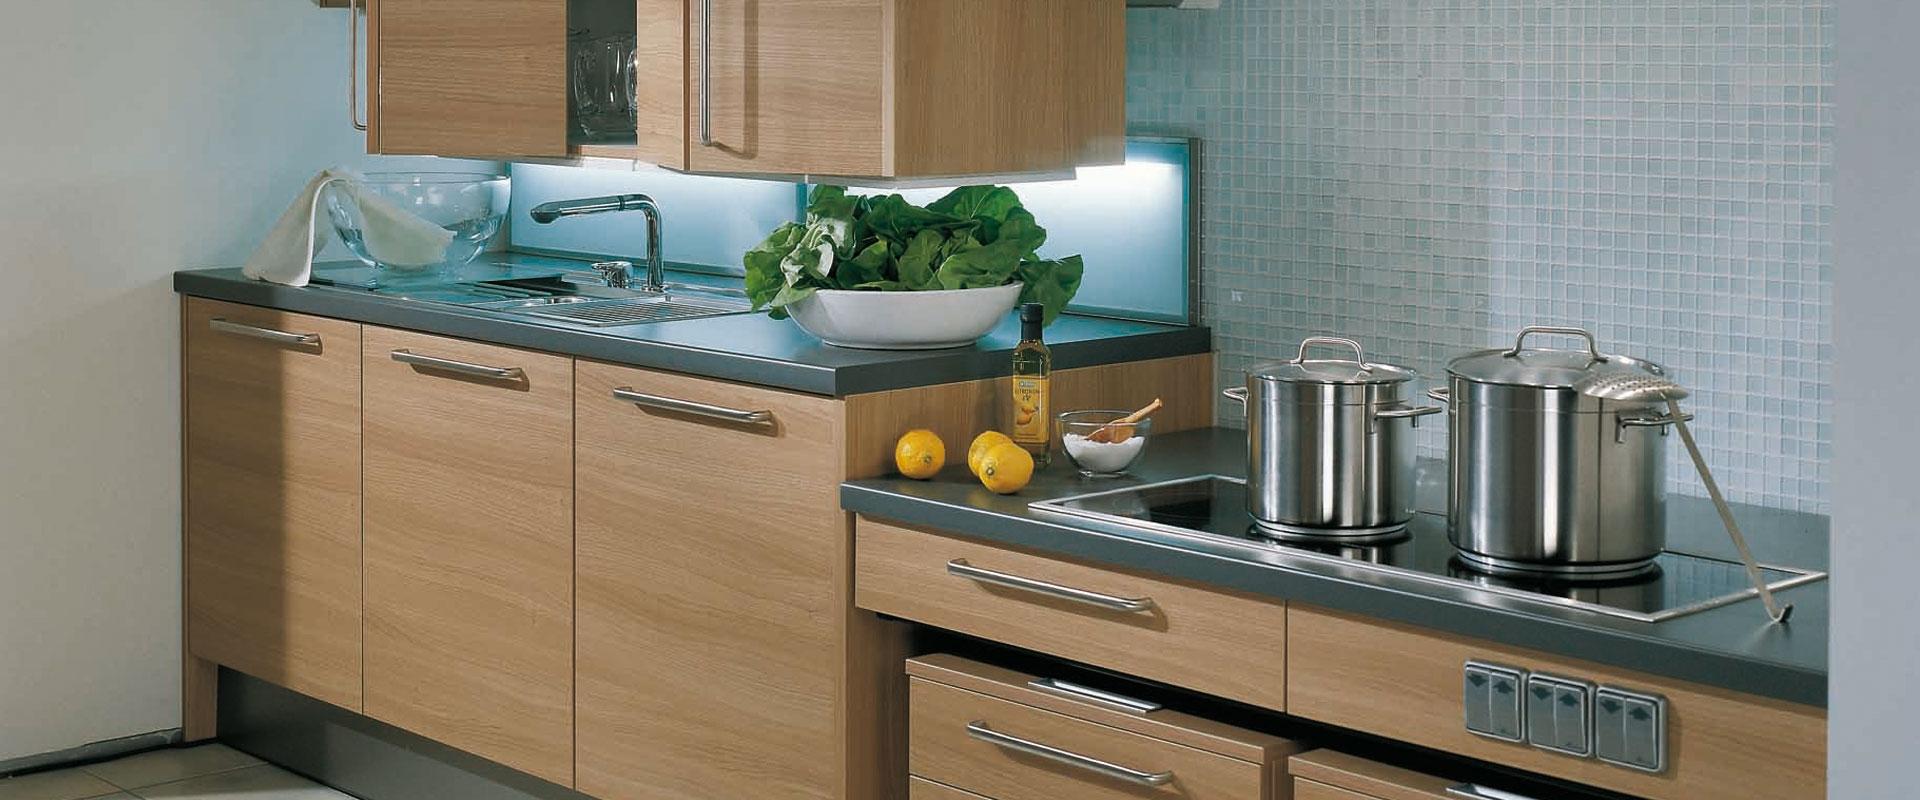 Küchenhandel / Küchenhersteller / Großhandel